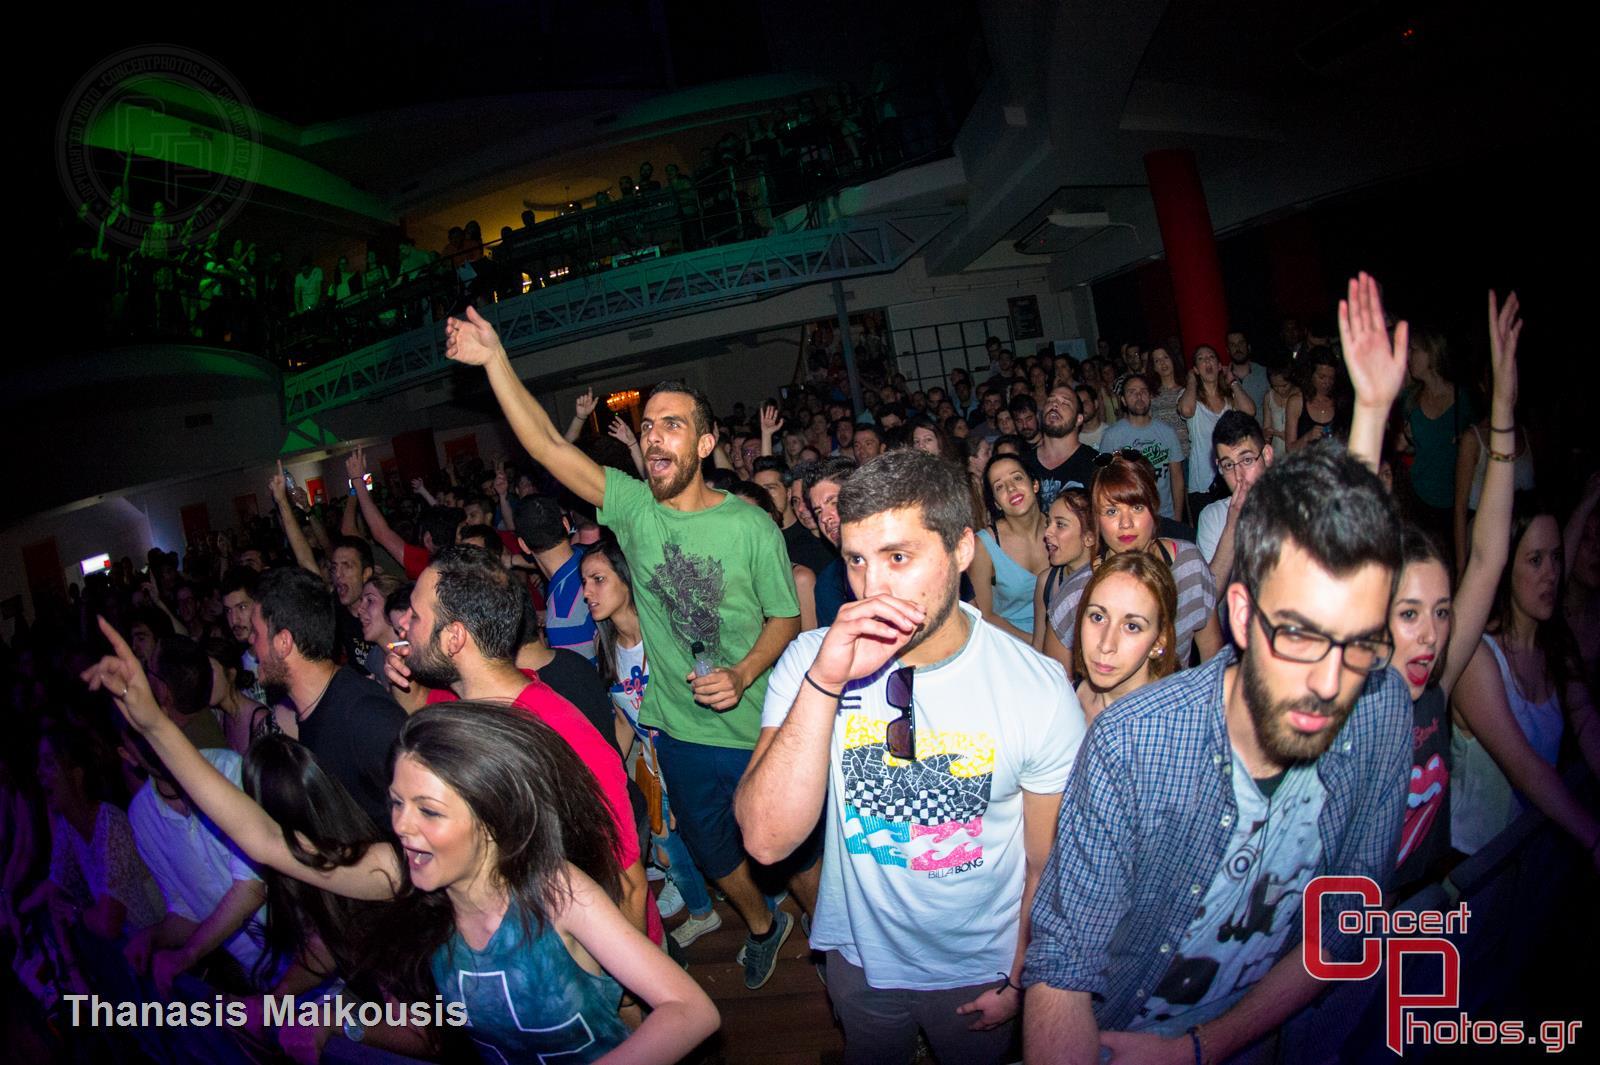 Παύλος Παυλίδης-Pavlidis-stage-volume1 photographer: Thanasis Maikousis - concertphotos_20140611_23_06_06